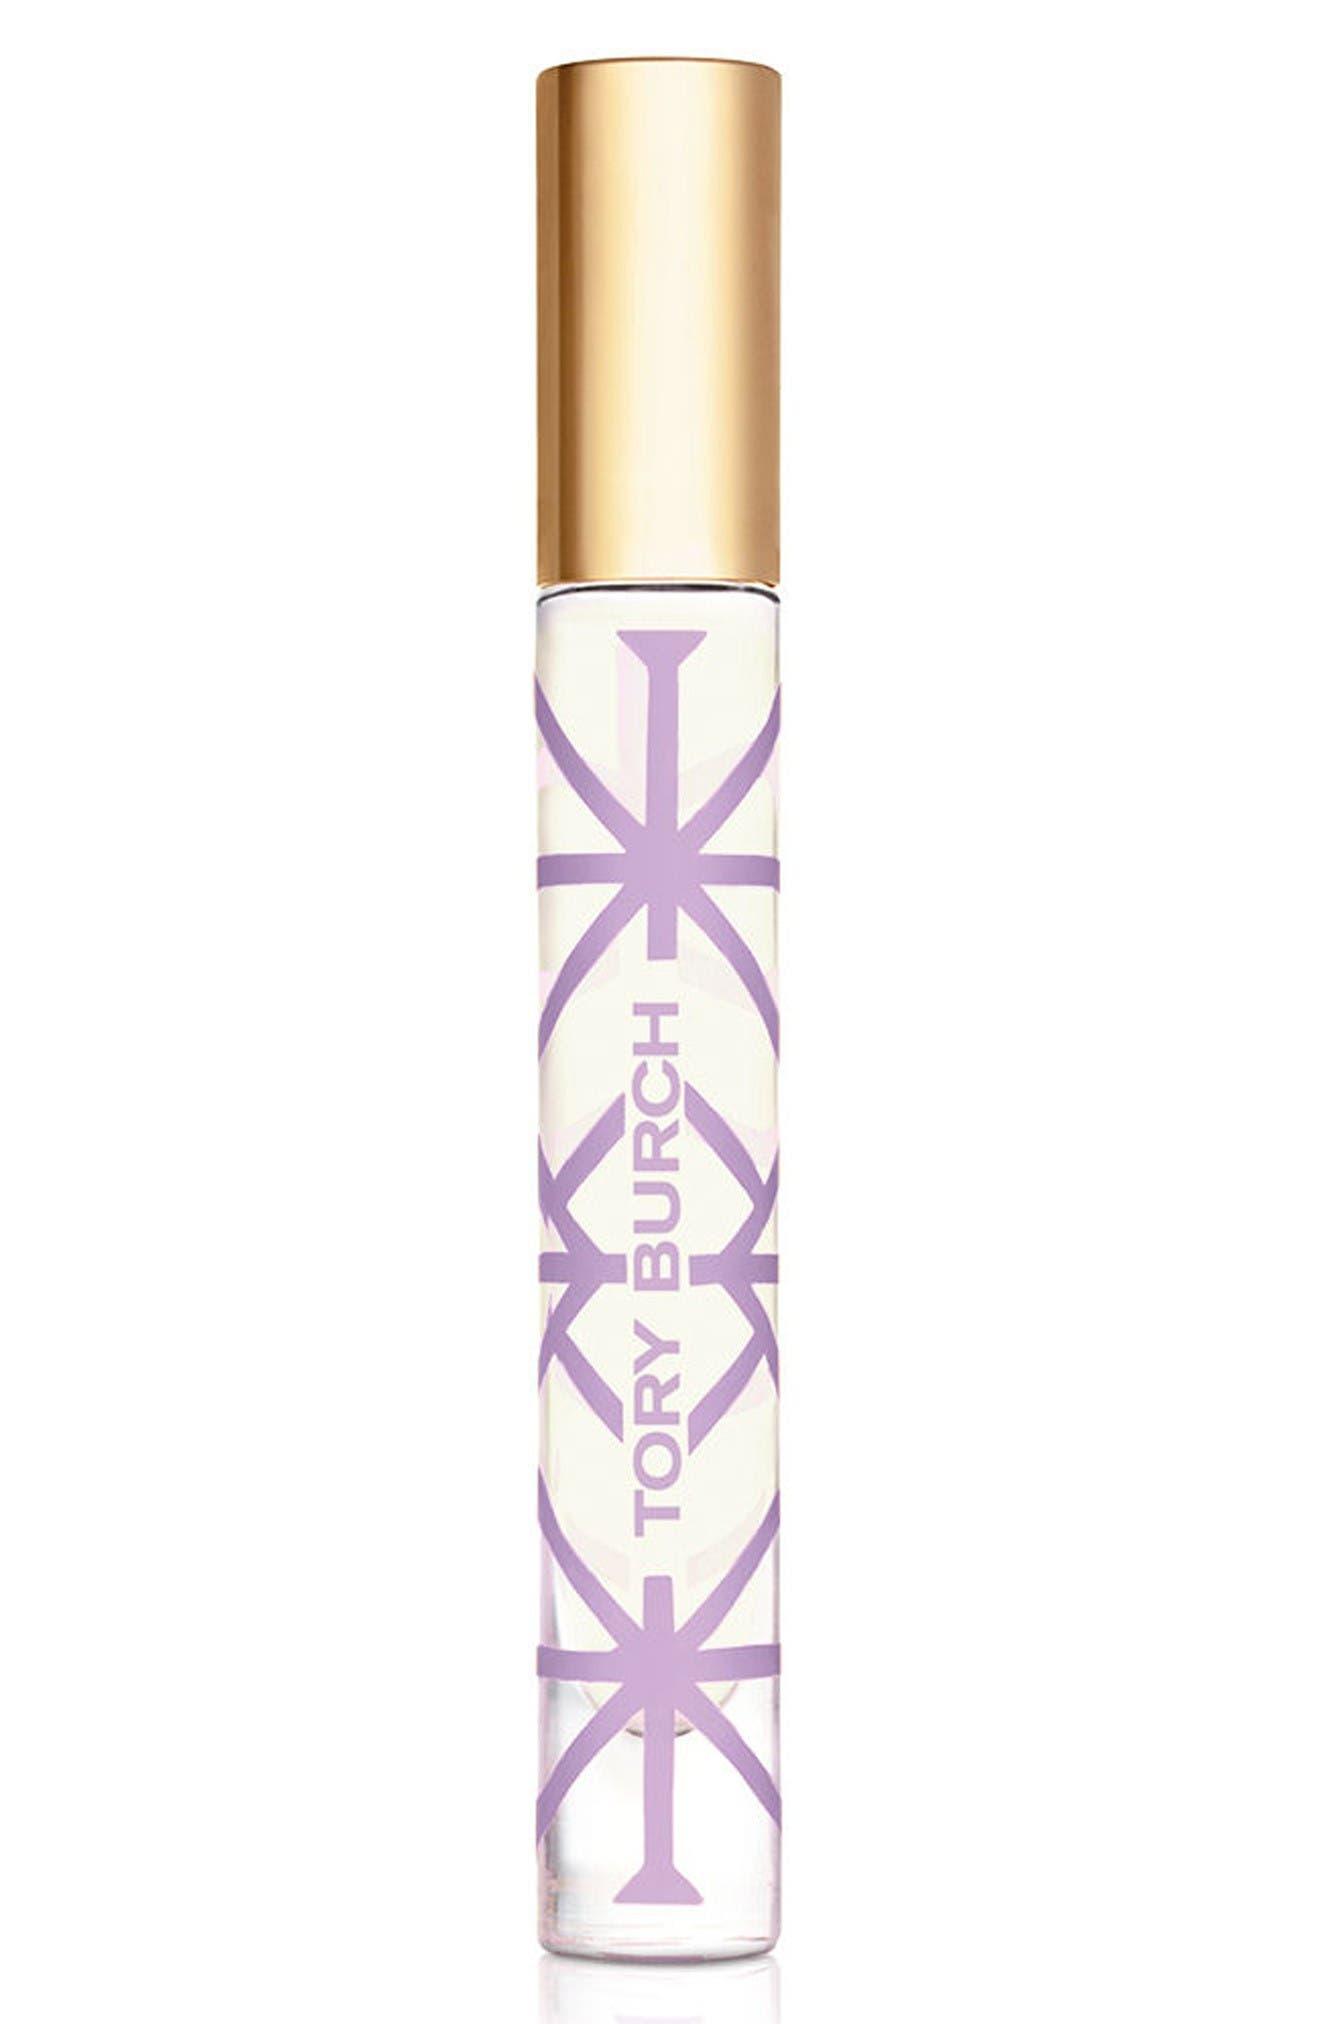 Jolie Fleur Lavande Eau de Parfum Rollerball,                         Main,                         color, No Color